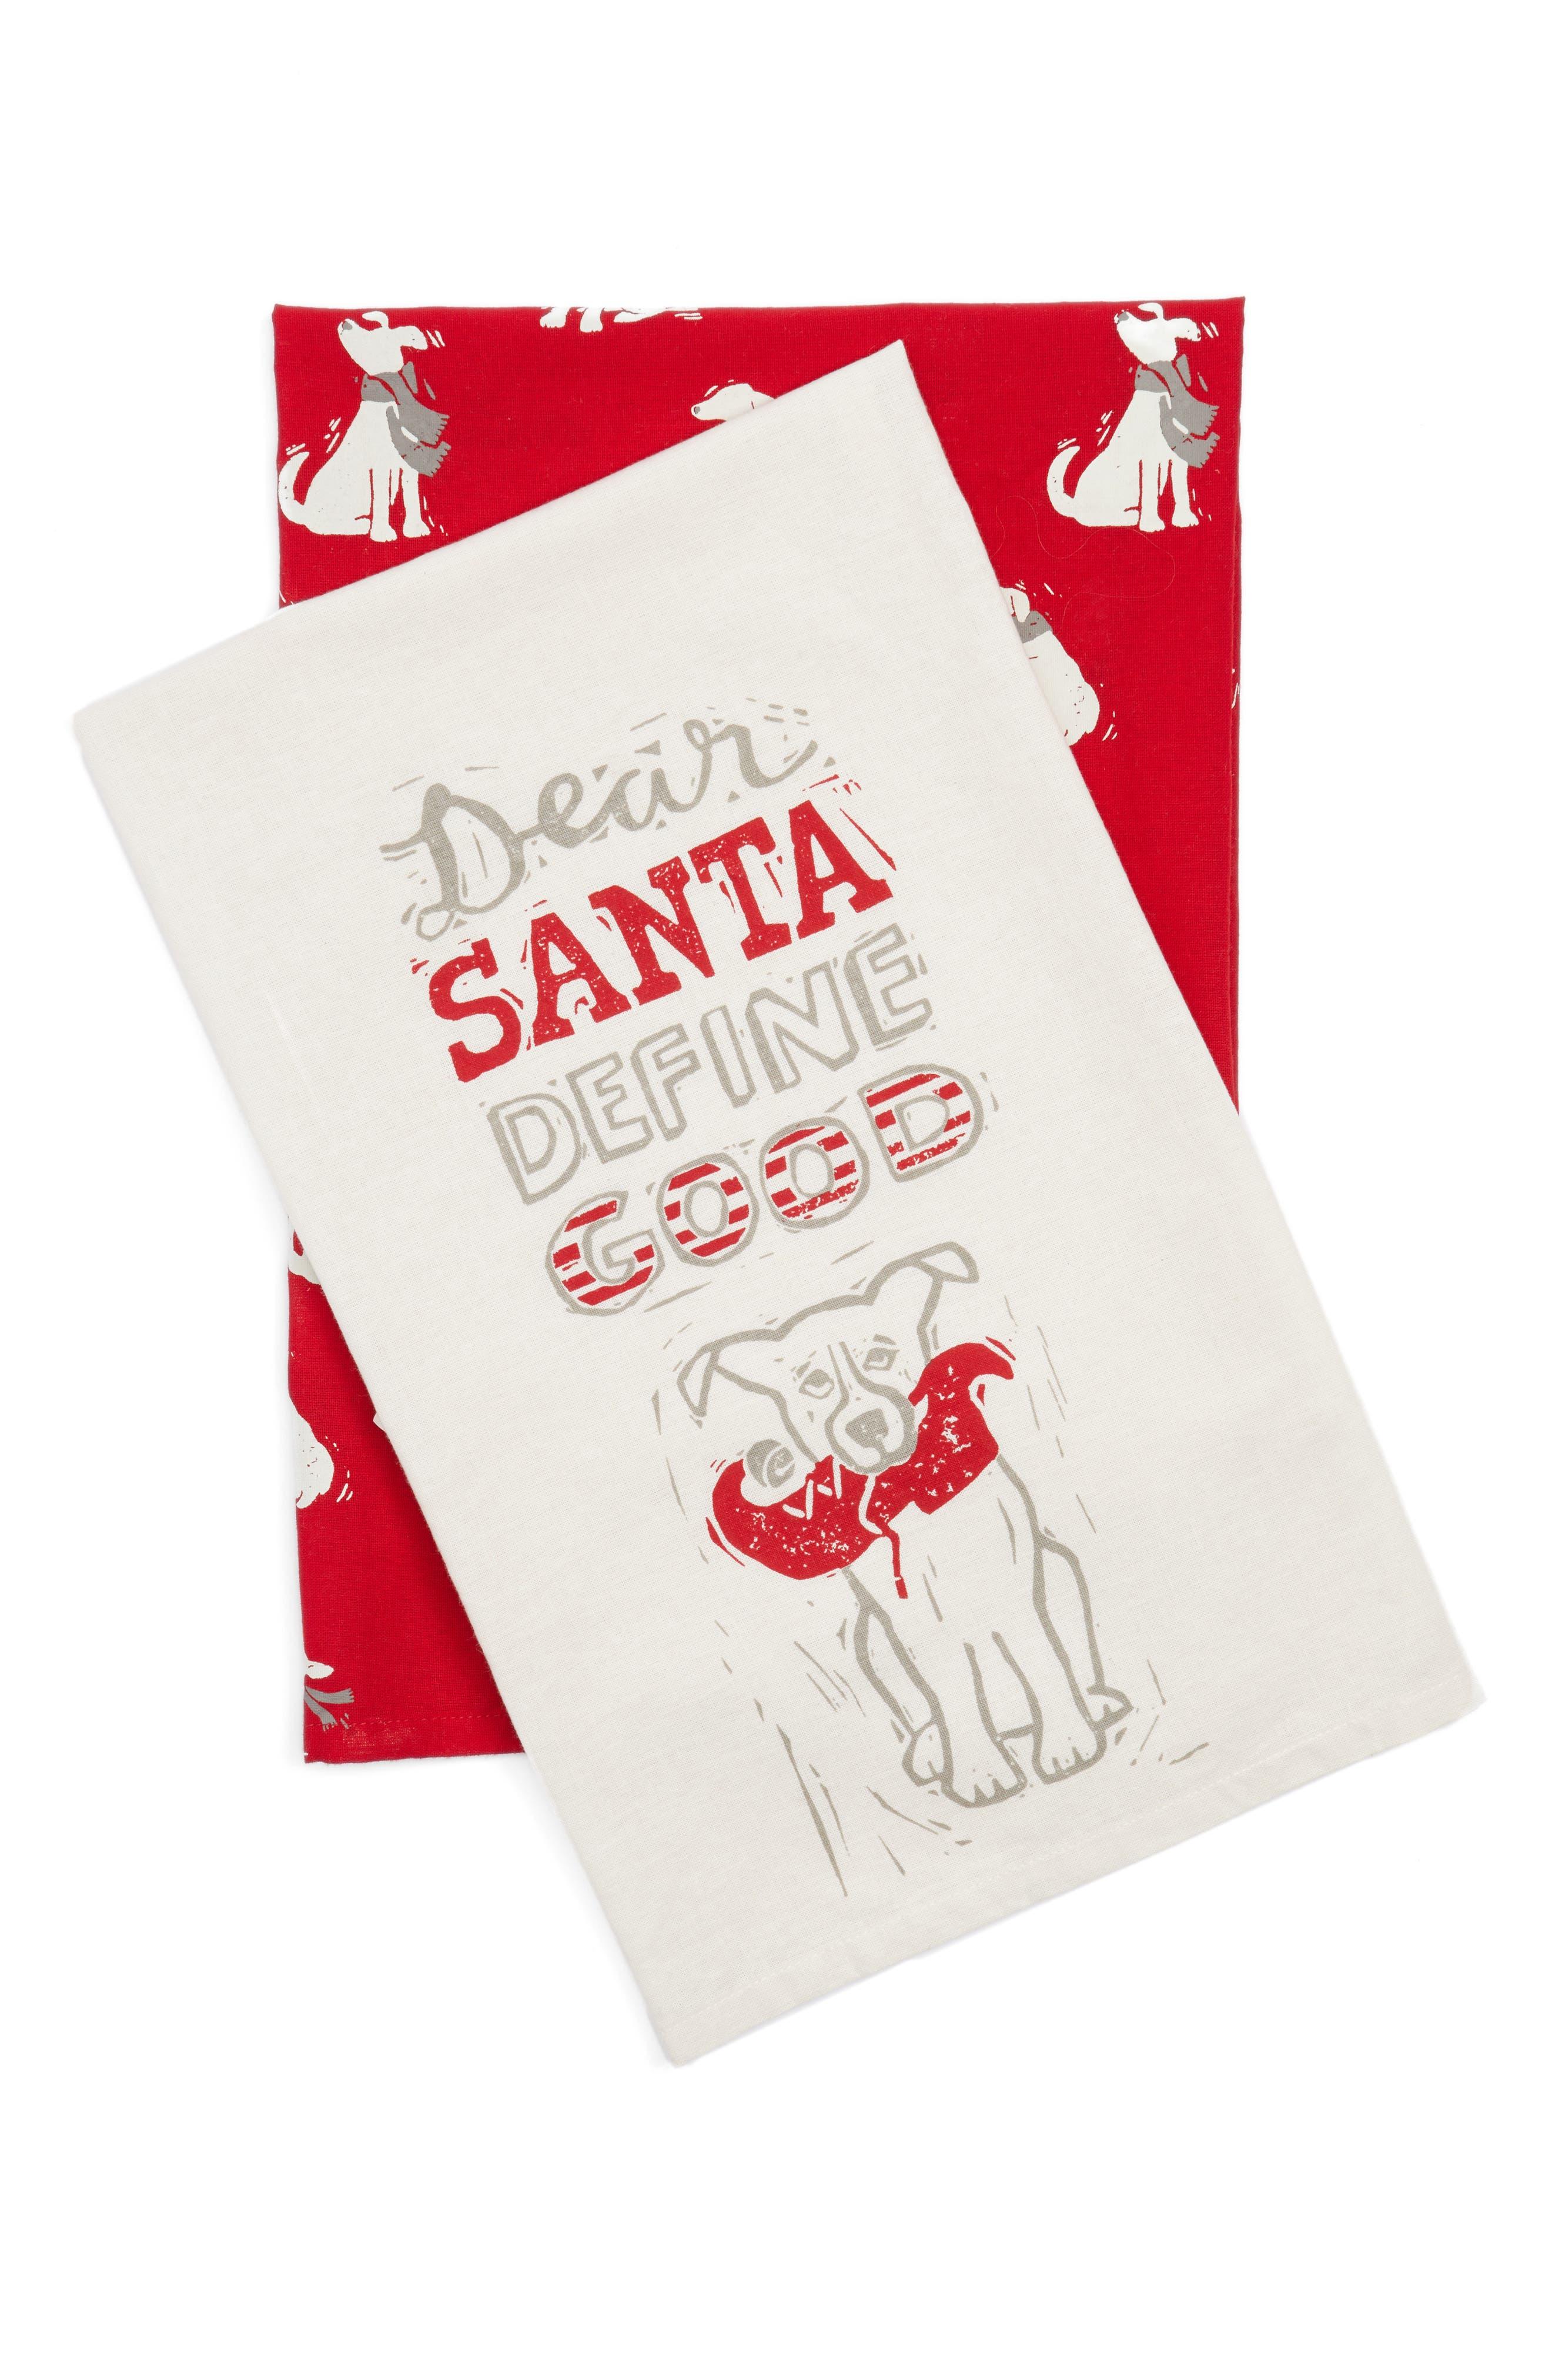 Dear Santa Set of 2 Dish Towels,                             Main thumbnail 1, color,                             Ivory